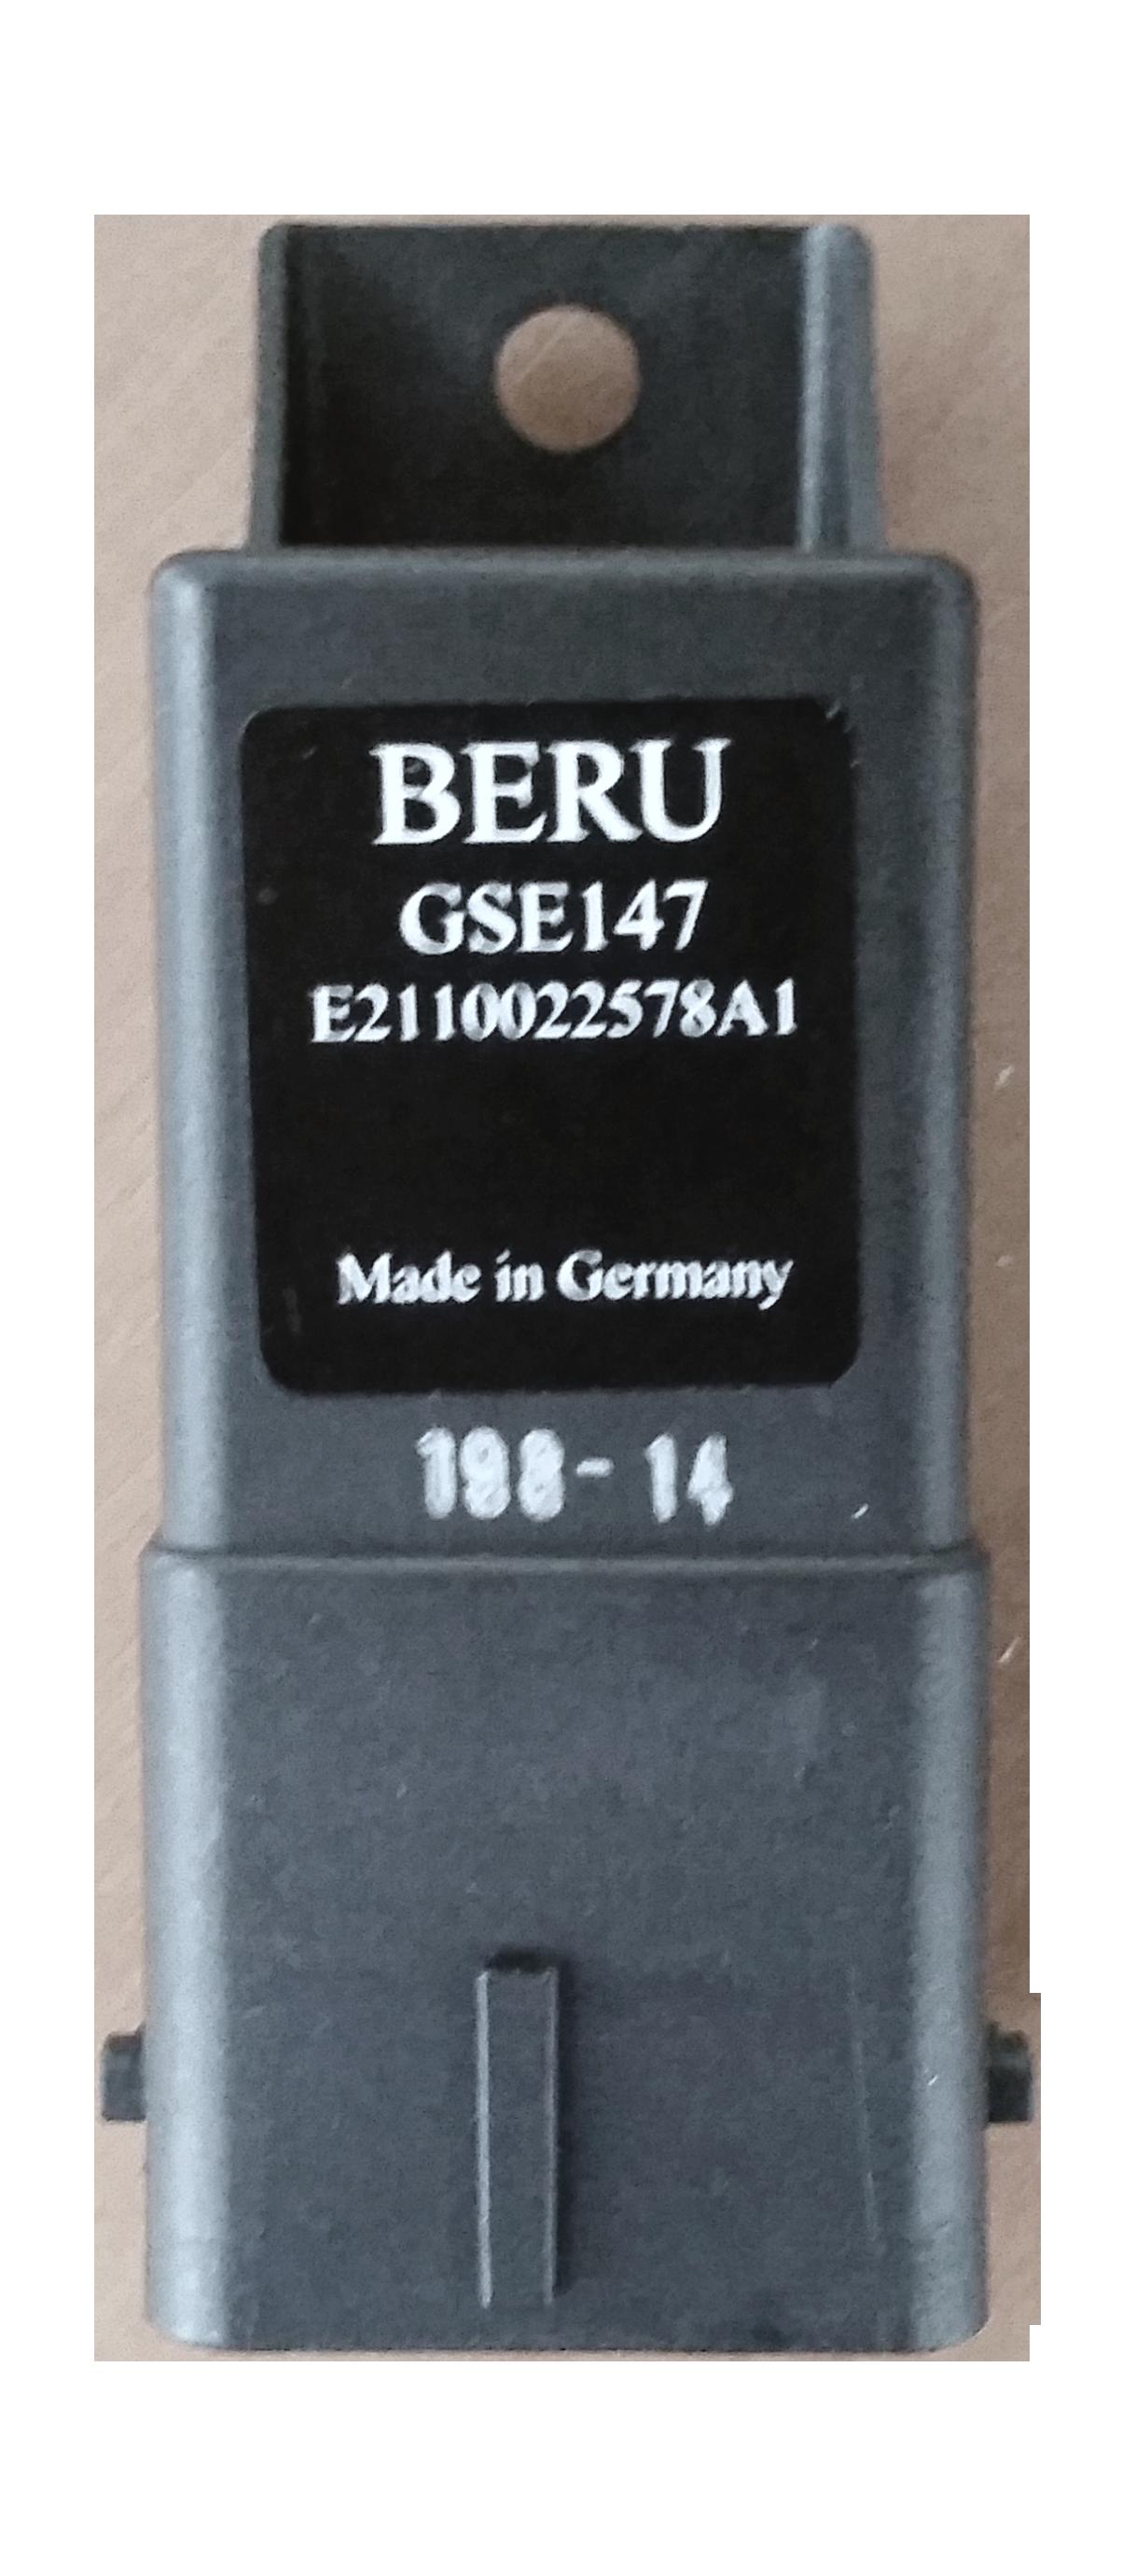 Appareil de commande, temps de préchauffage | BORGWARNER (BERU)